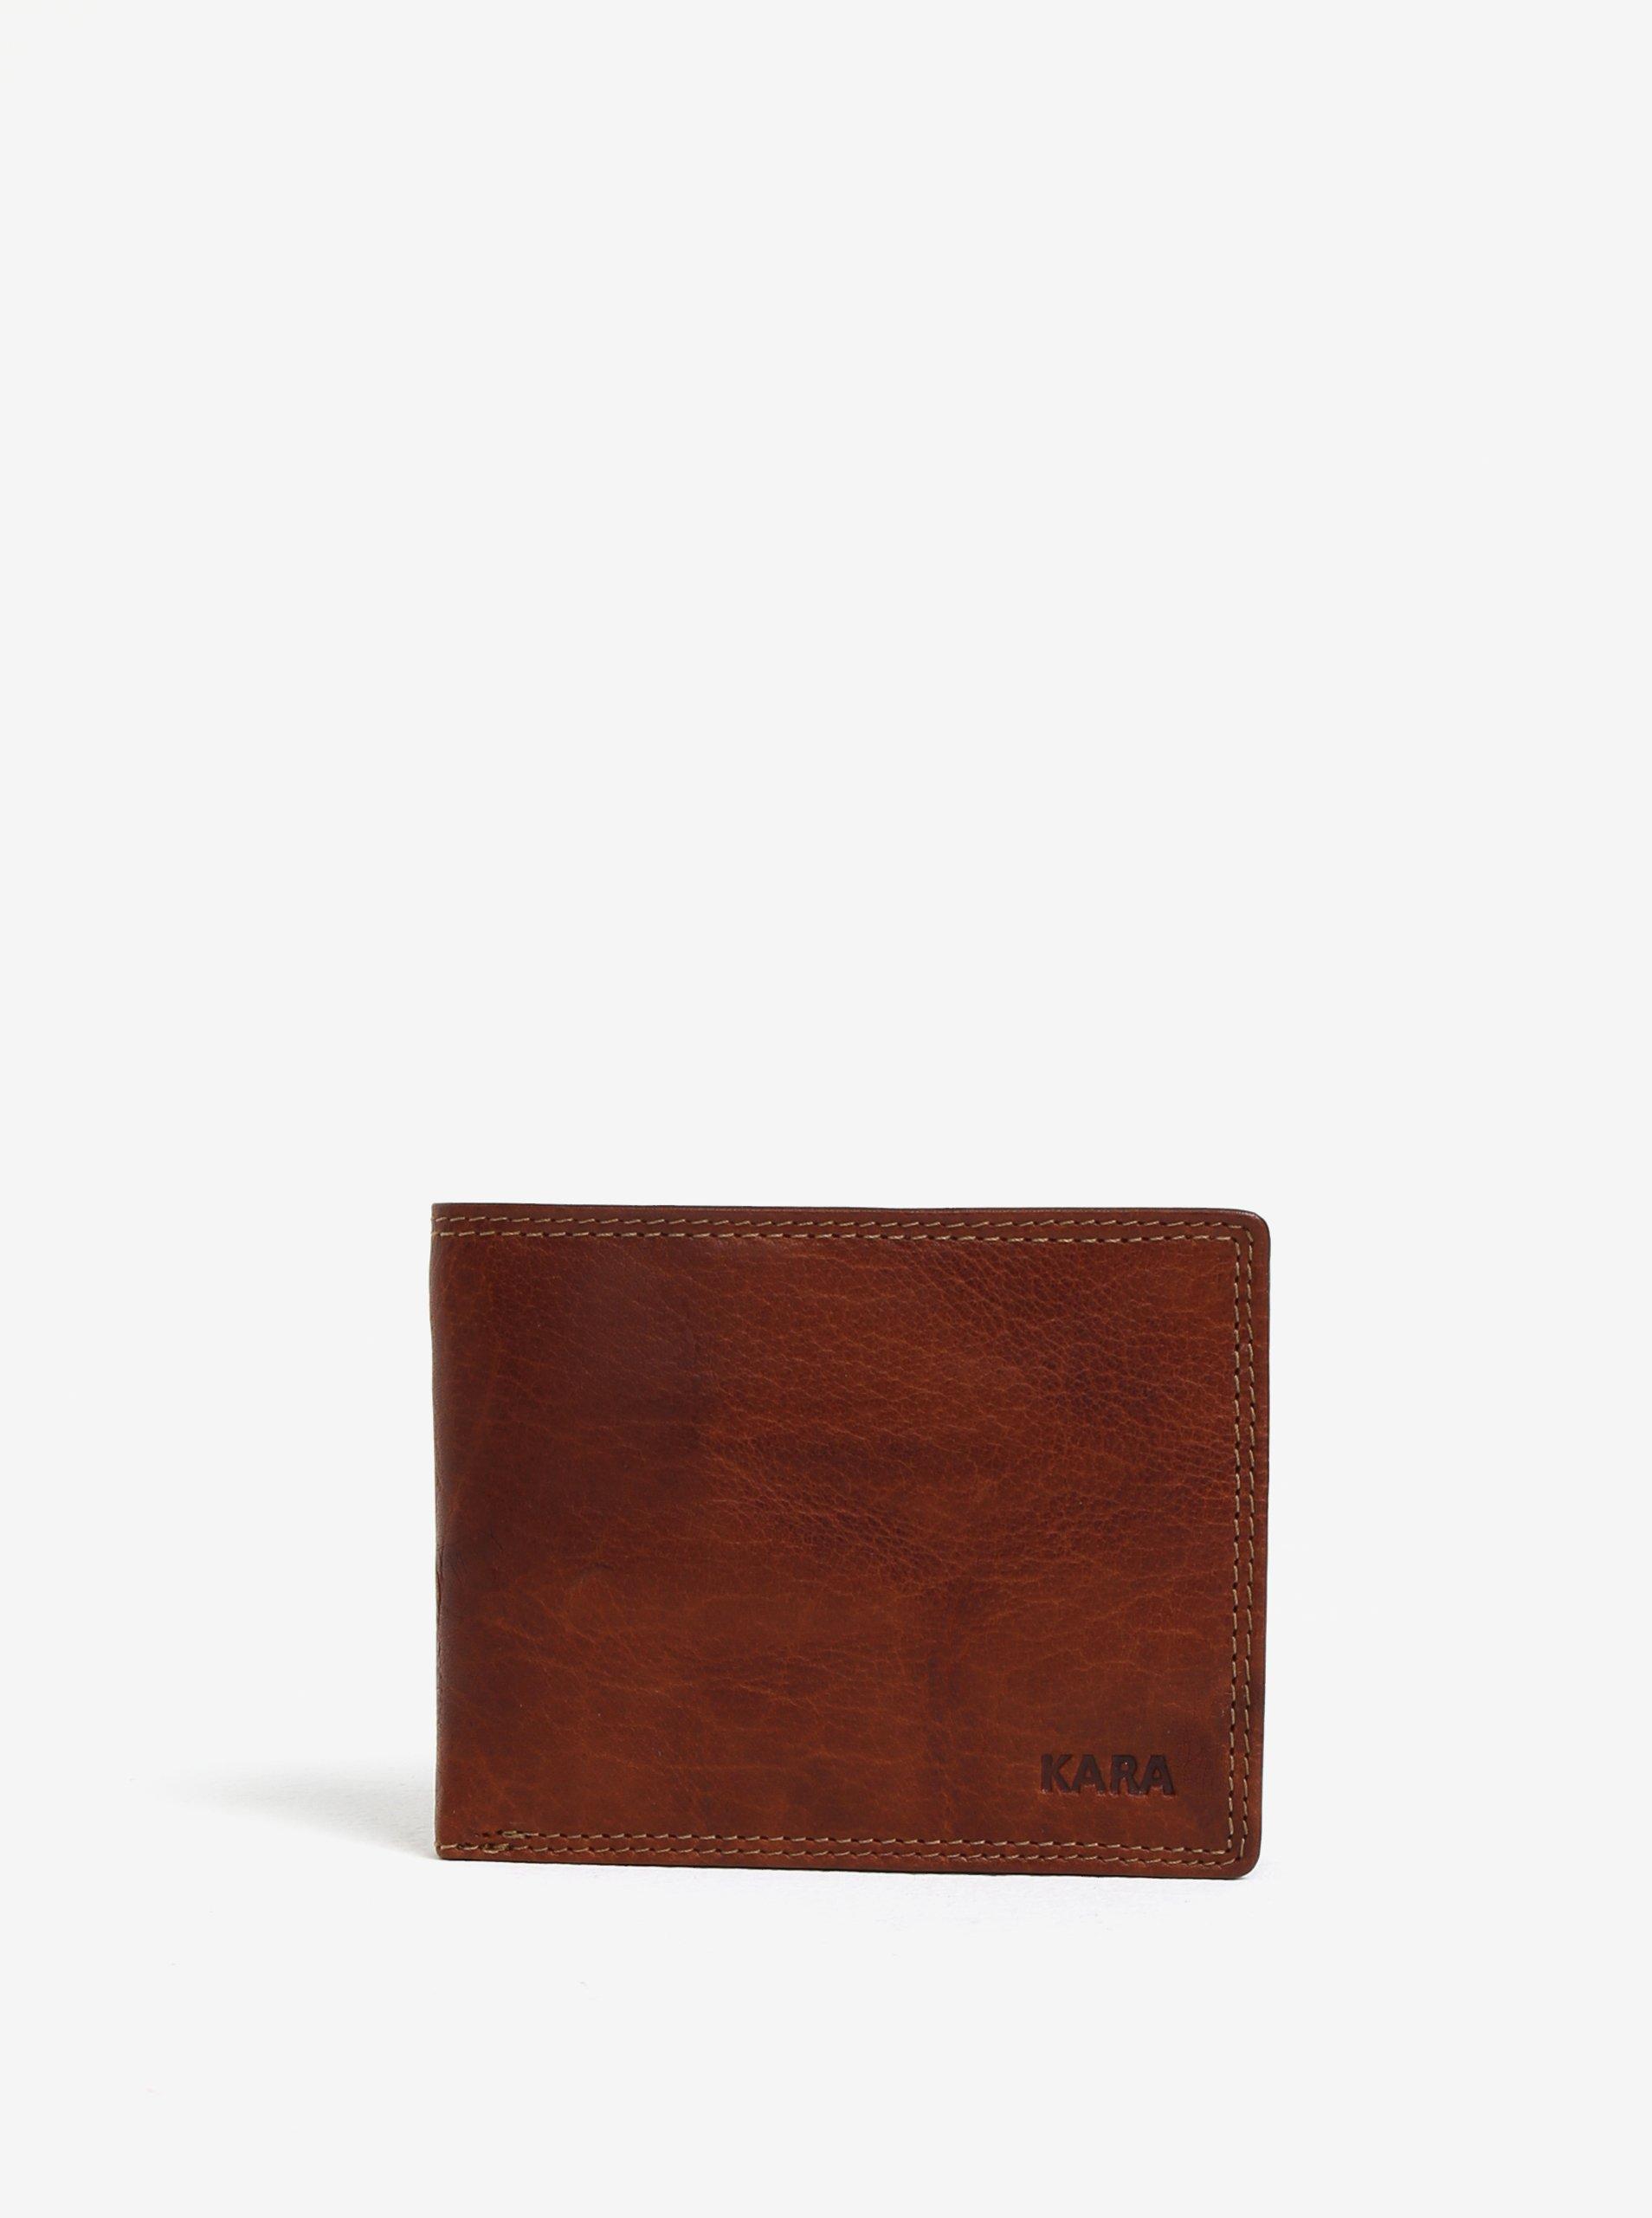 Fotografie Hnědá pánská kožená peněženka s gravírovaným logem KARA